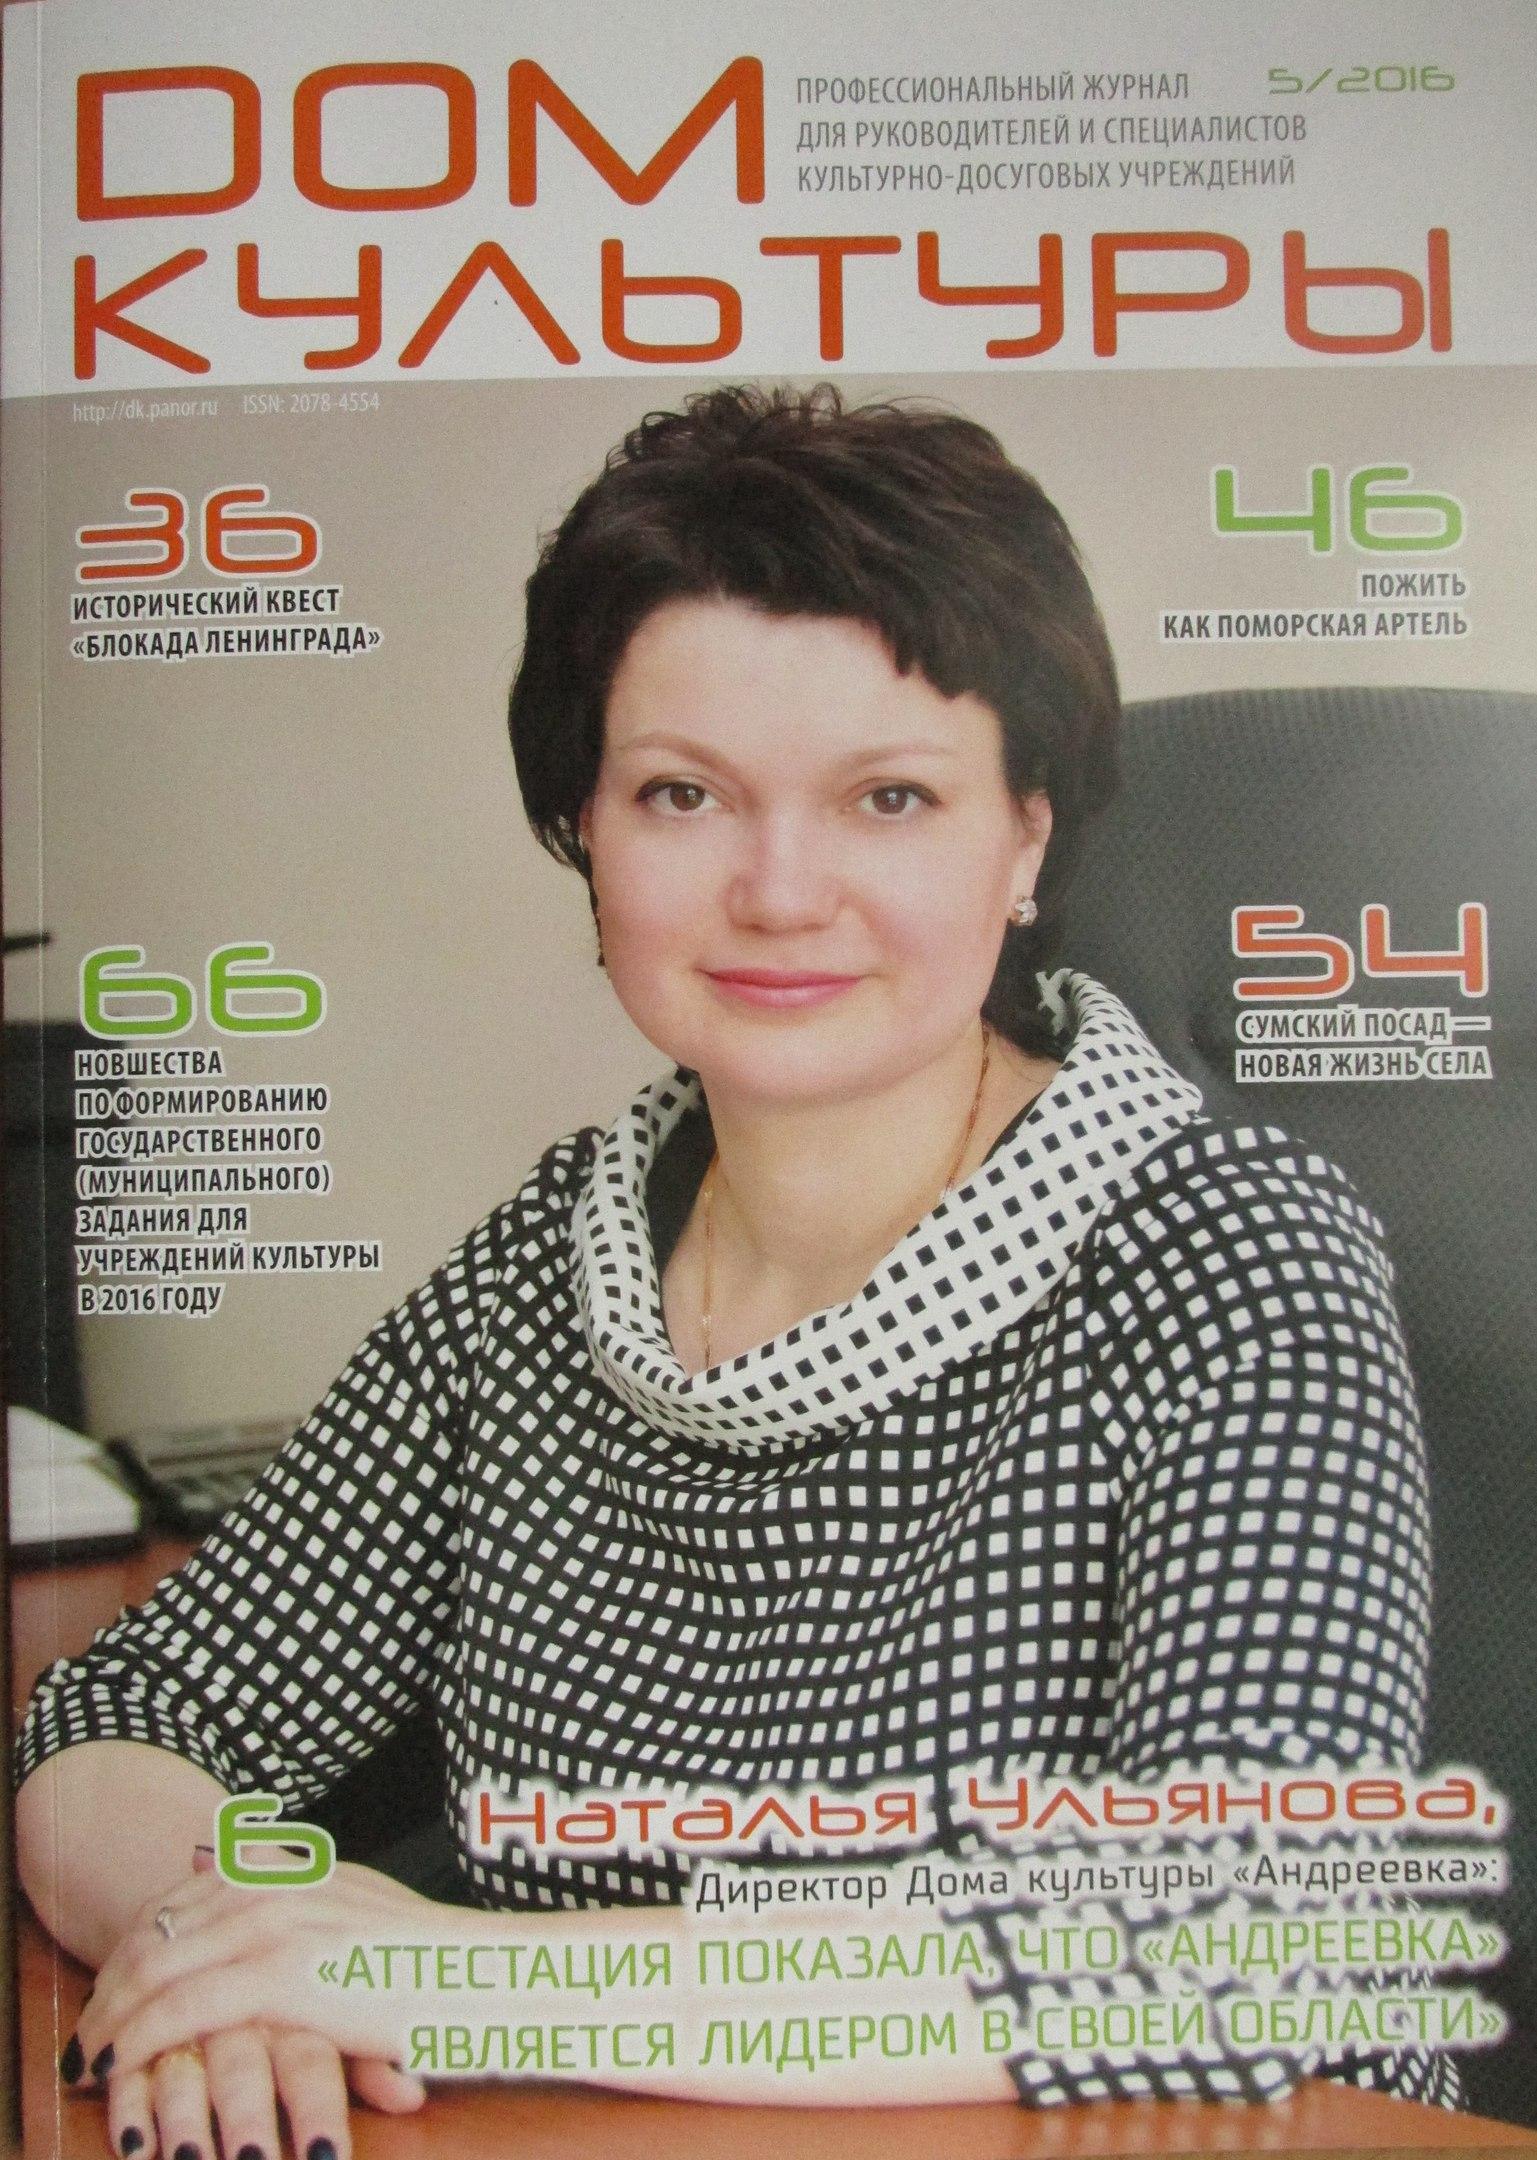 """Обложка журнала """"Дом культуры"""", №5, 2016 год."""